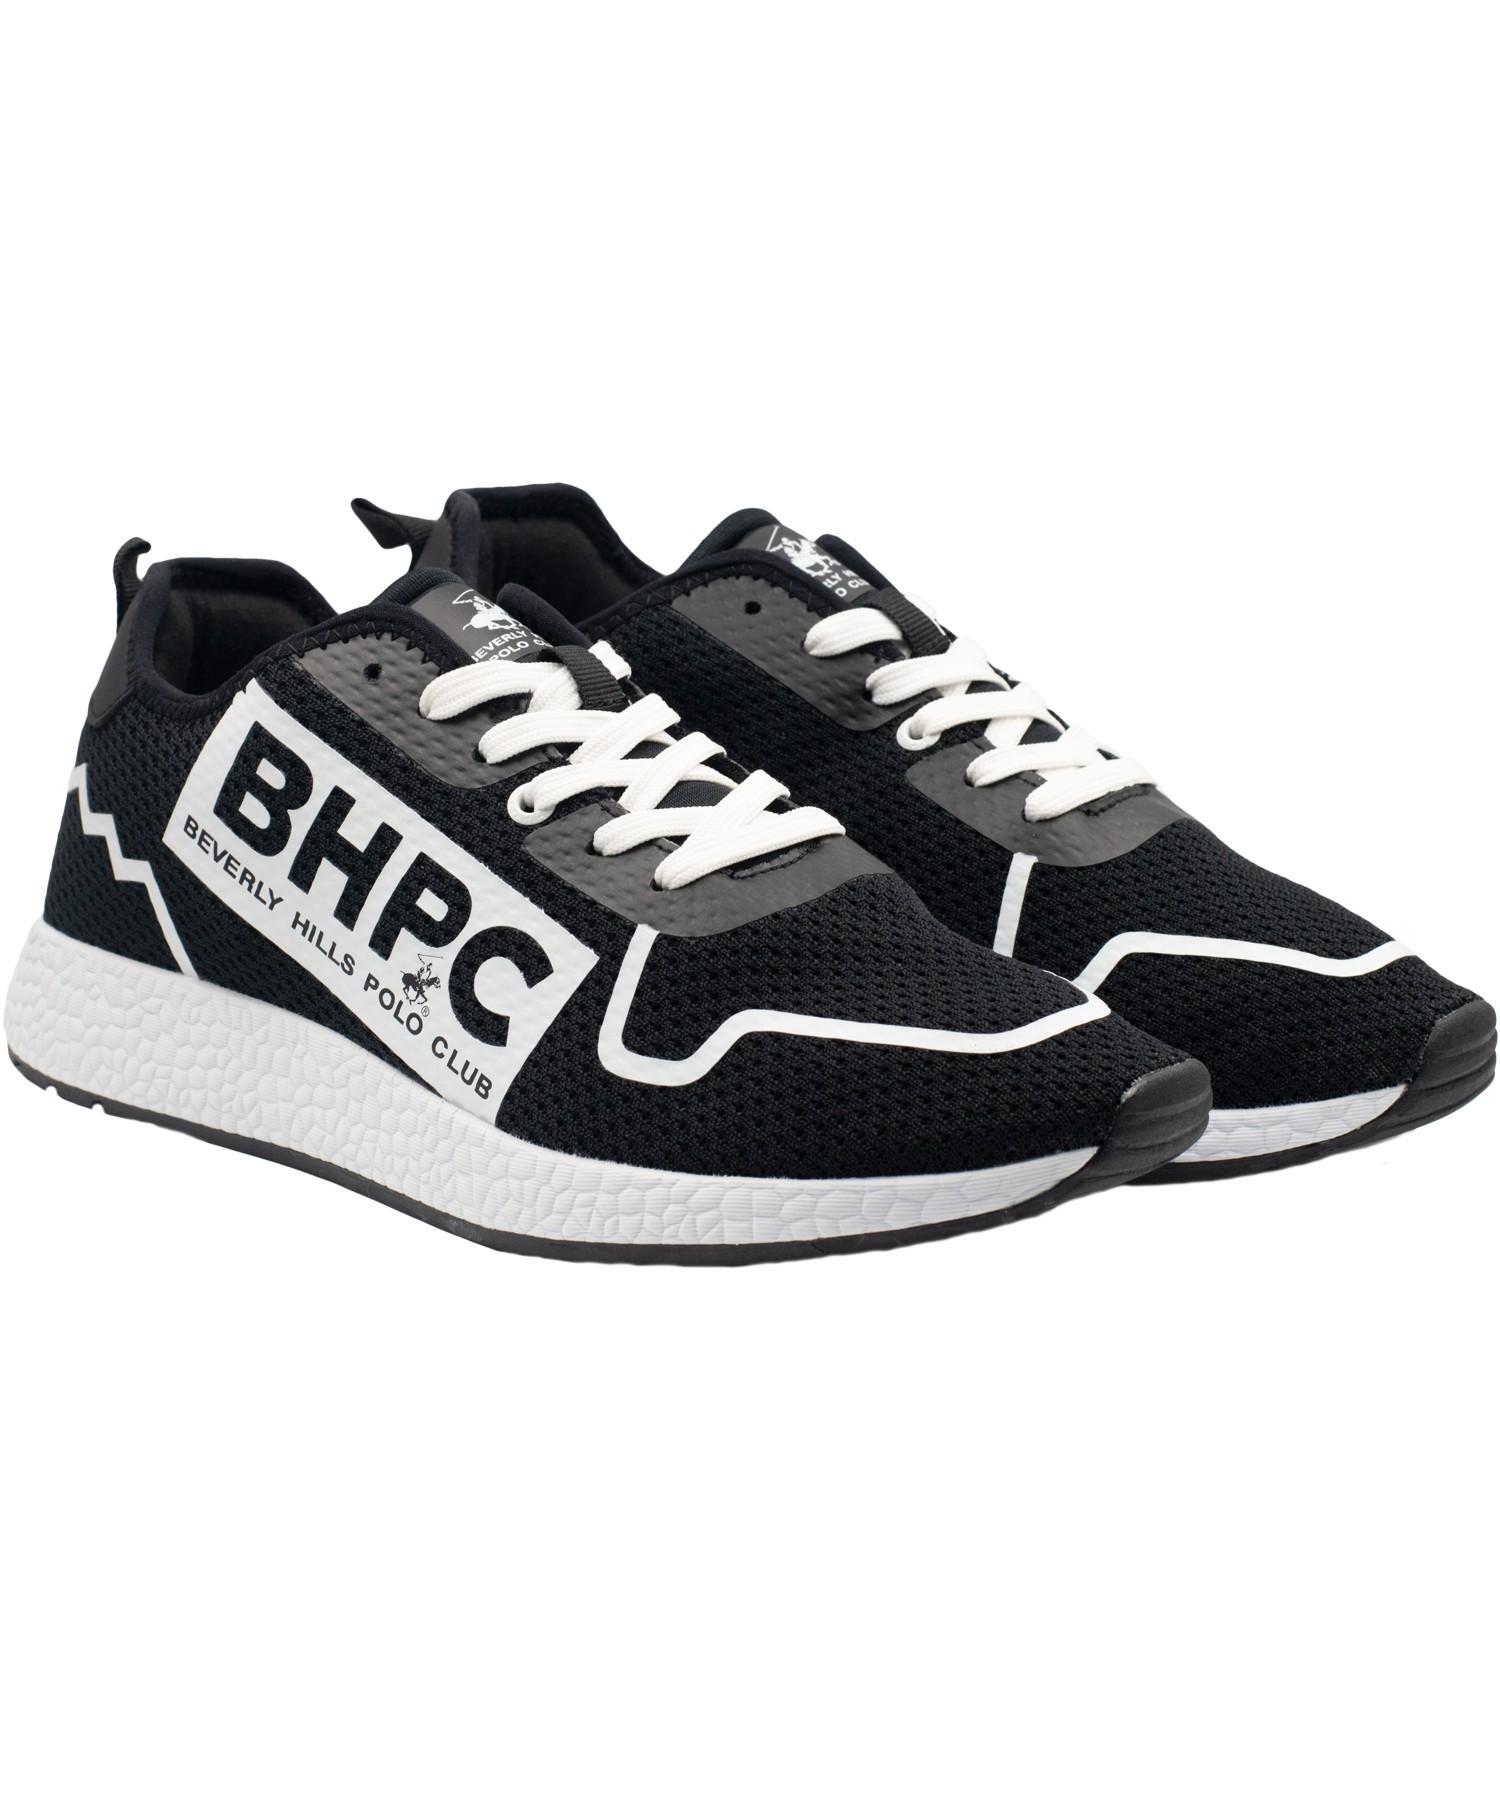 Zapatillas de Hombre Bhpc Purex  Negro-Blanco